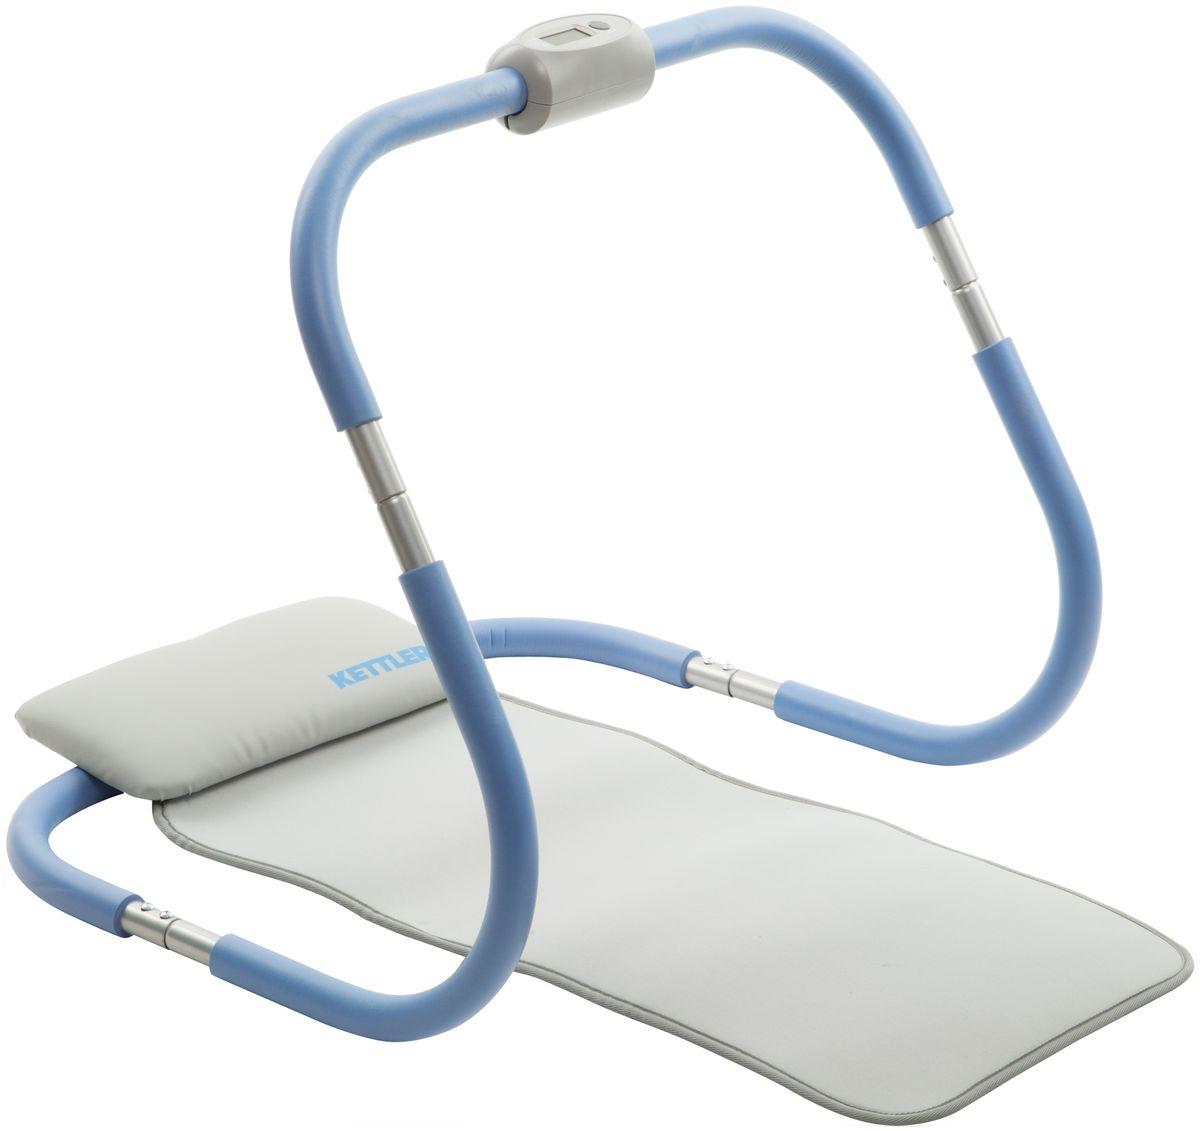 """Kettler Тренажер для мышц брюшного пресса Kettler """"AB-Roller"""", цвет: голубой, жемчужно-белый, 67 см х 63 см х 57,5 см"""